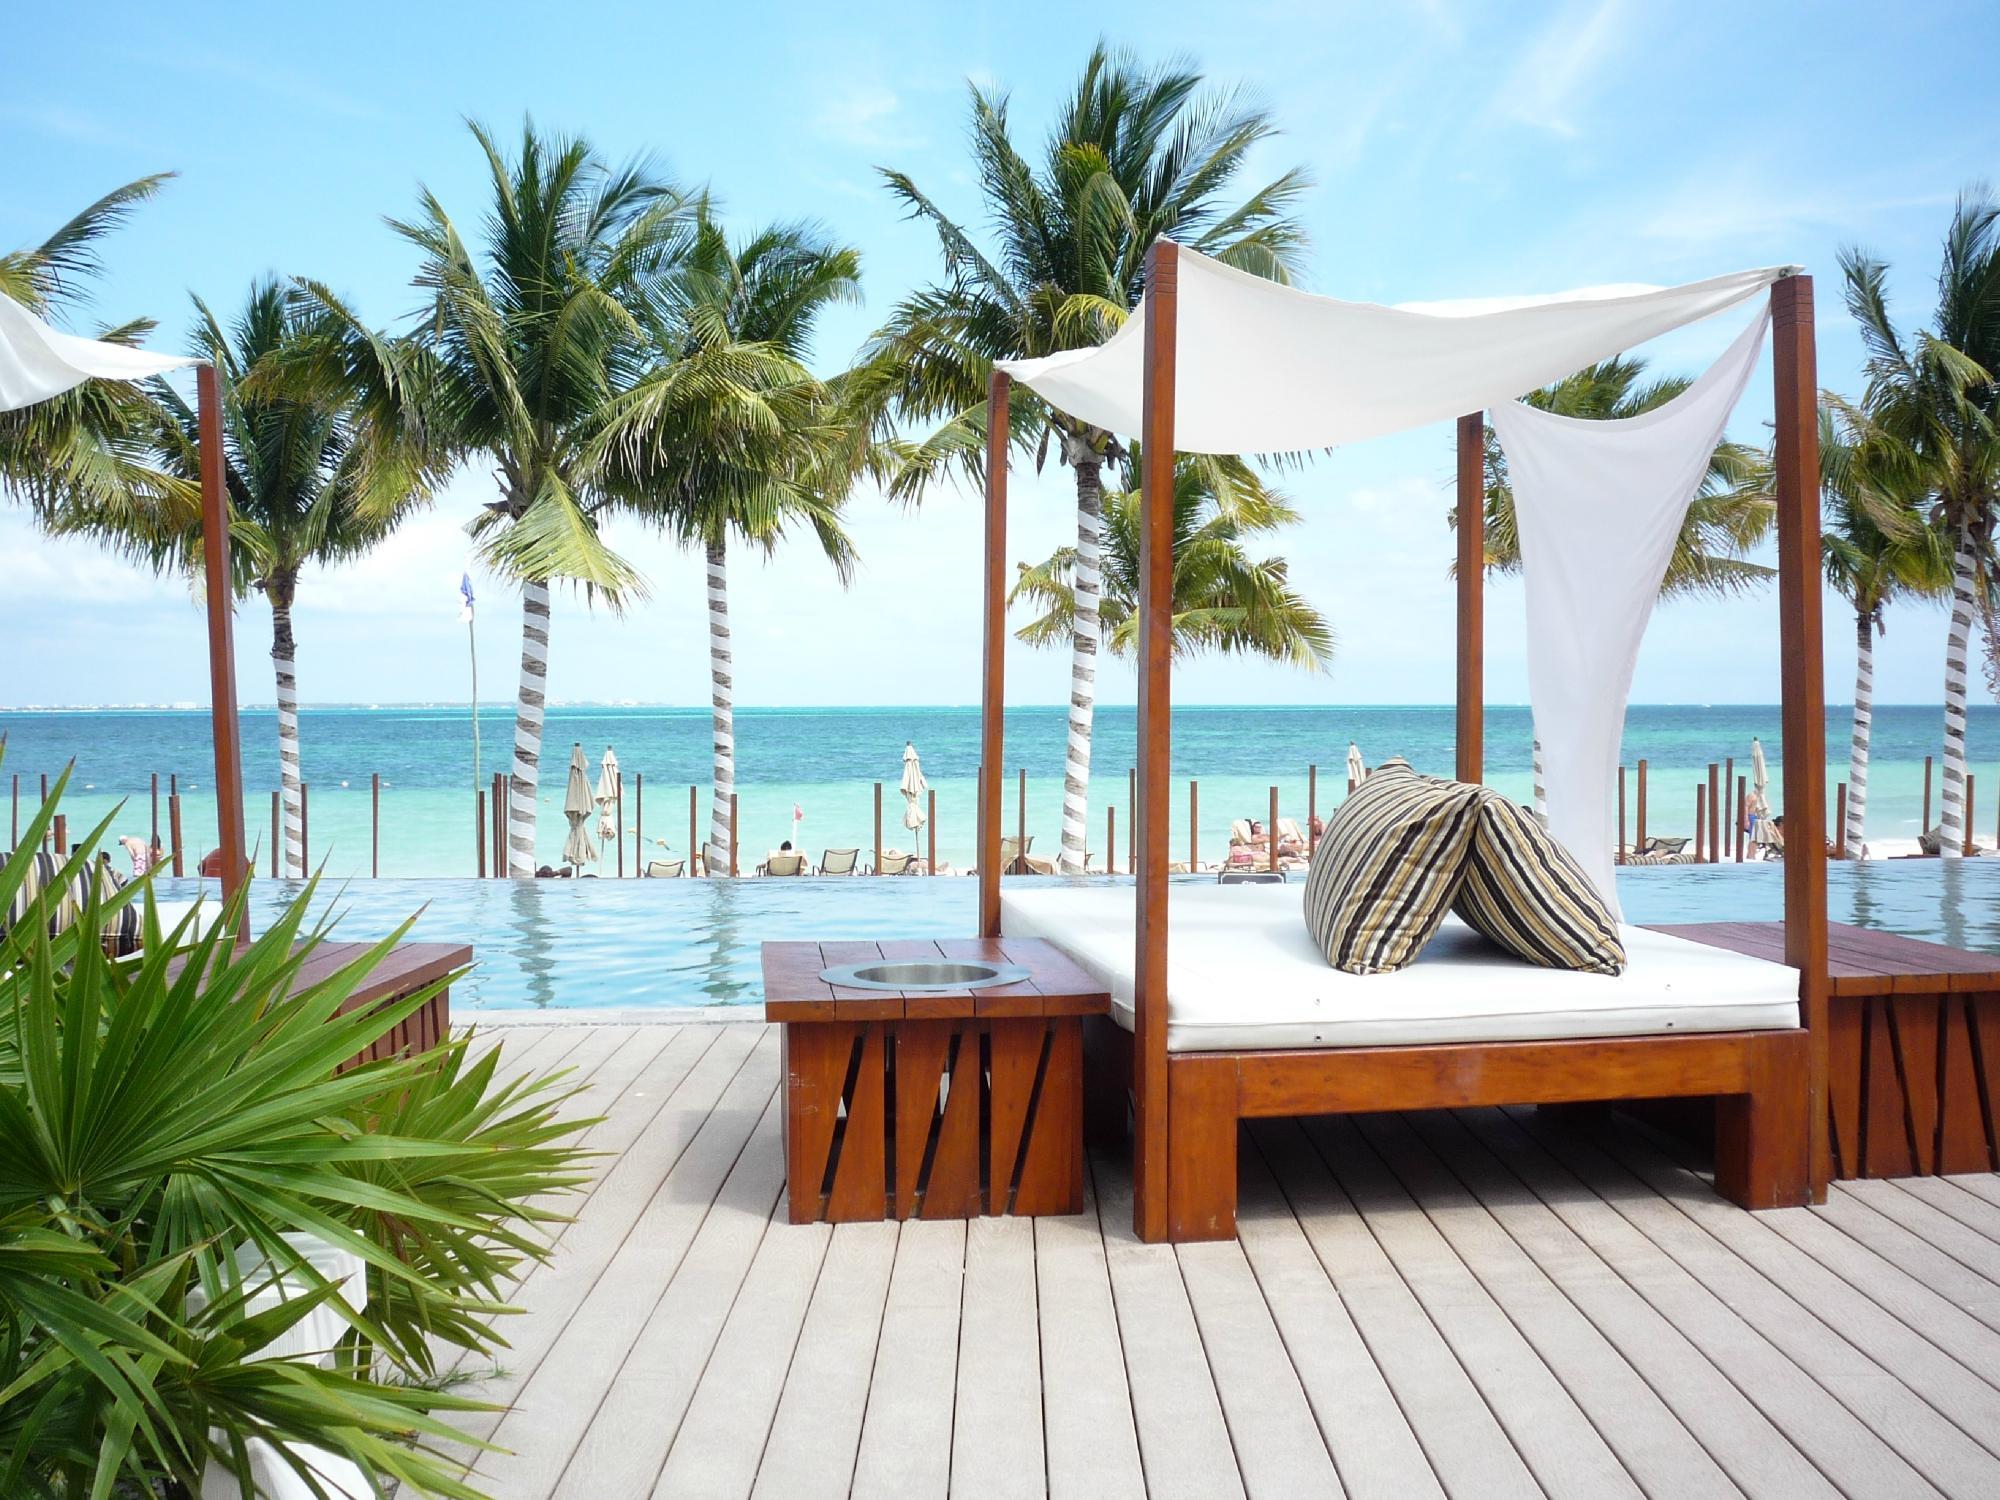 Villa Del Palmar Cancun Pool and Cabana